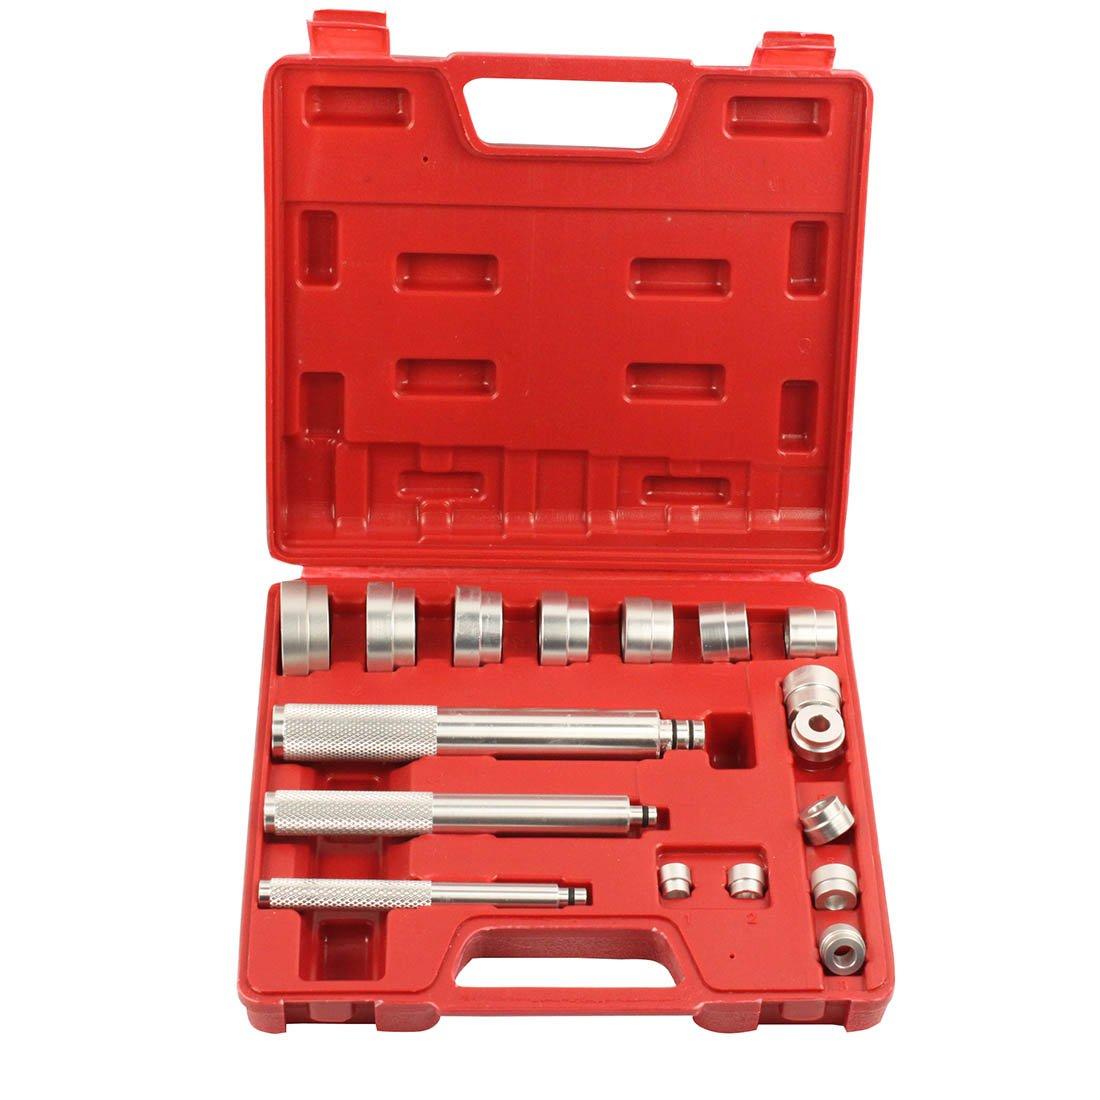 Ctool 17 Pieces Aluminium Bearing Seal Drivers Removal Tool and Bushing Driver Set WSTOOL